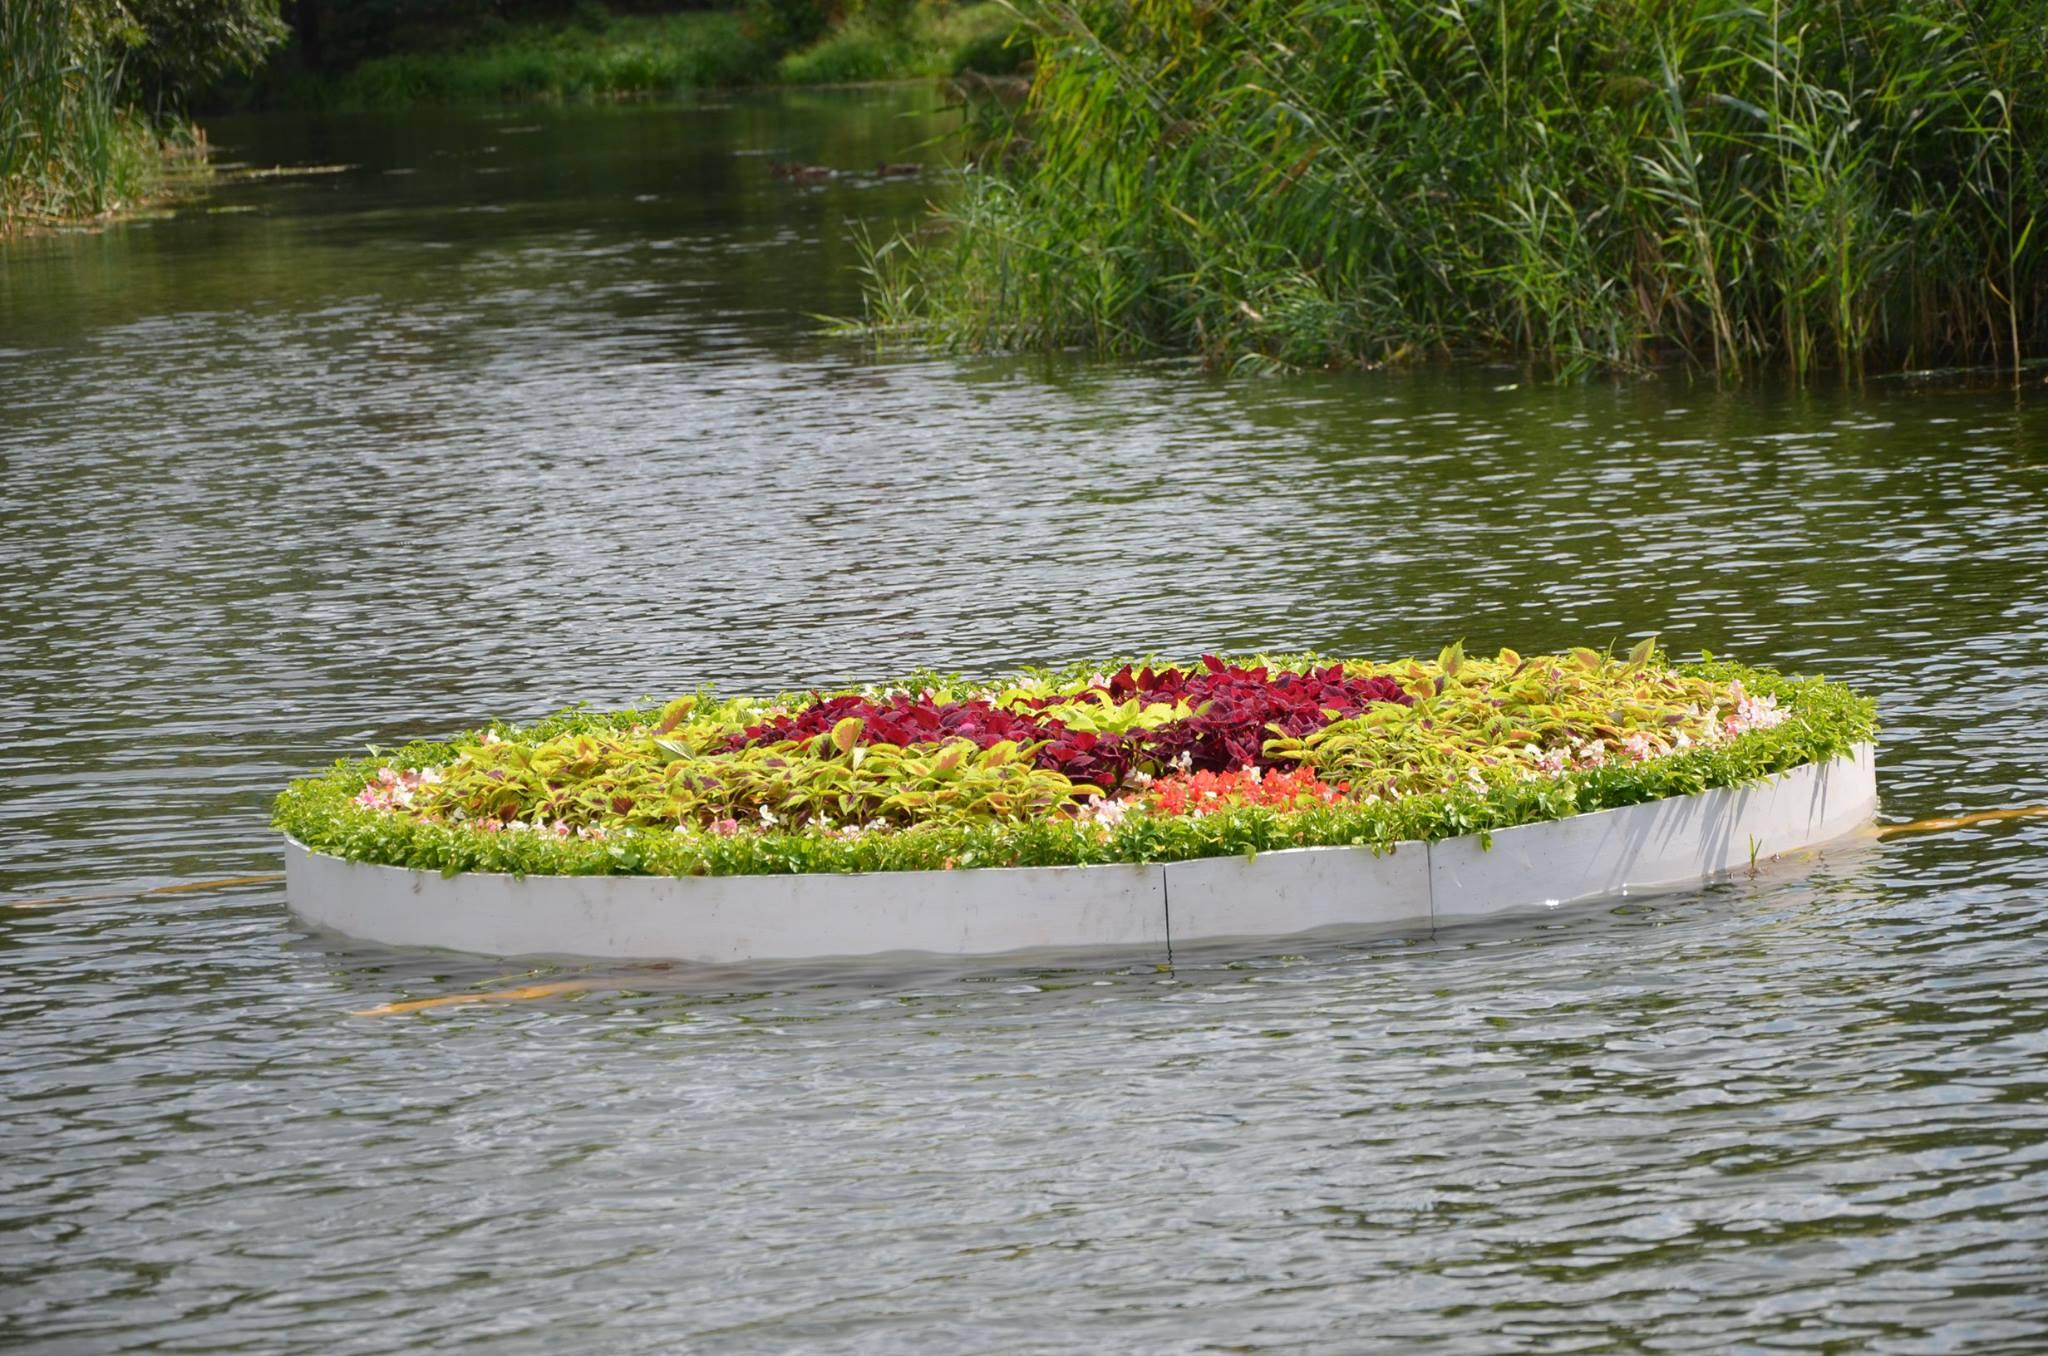 Пластиковый пруд: устройство водоема на дачном участке